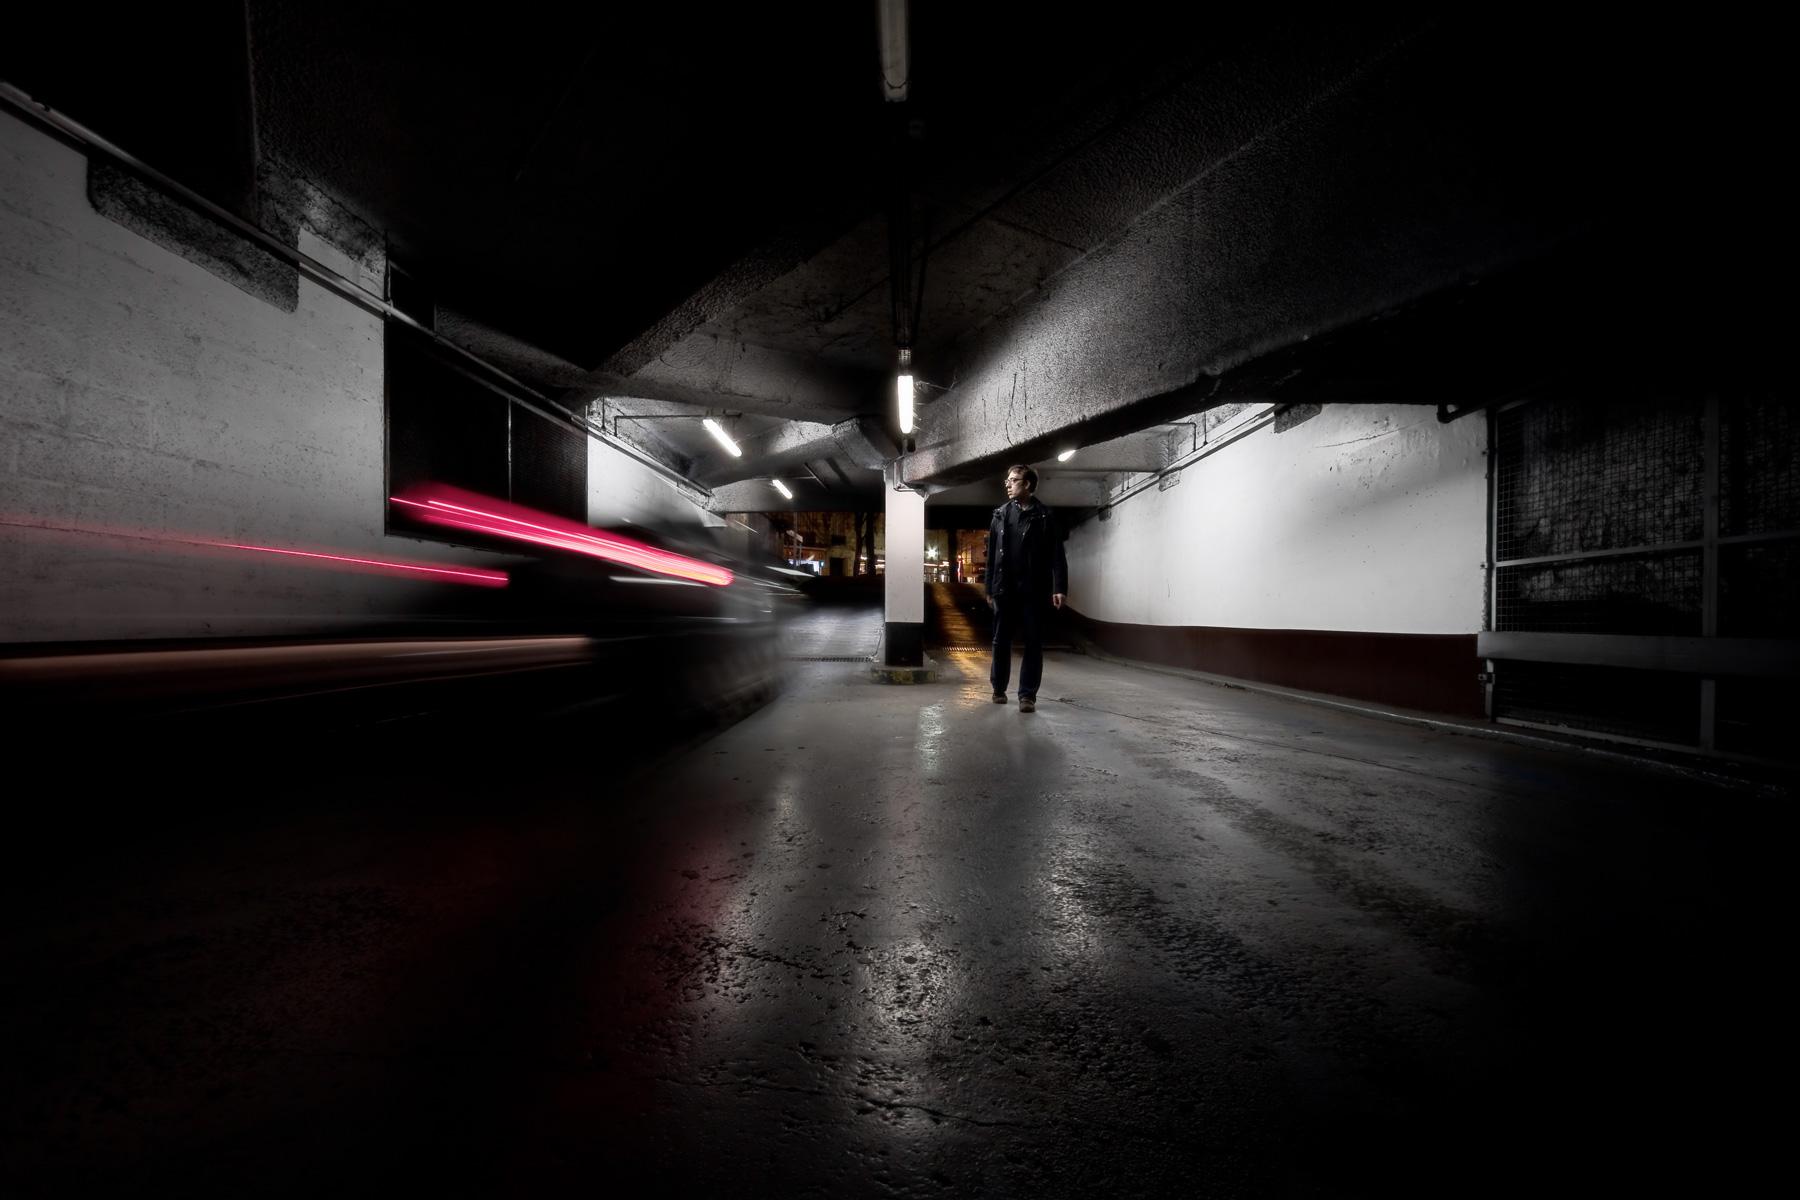 Rencontre à deux vitesses - Richard Vantielcke